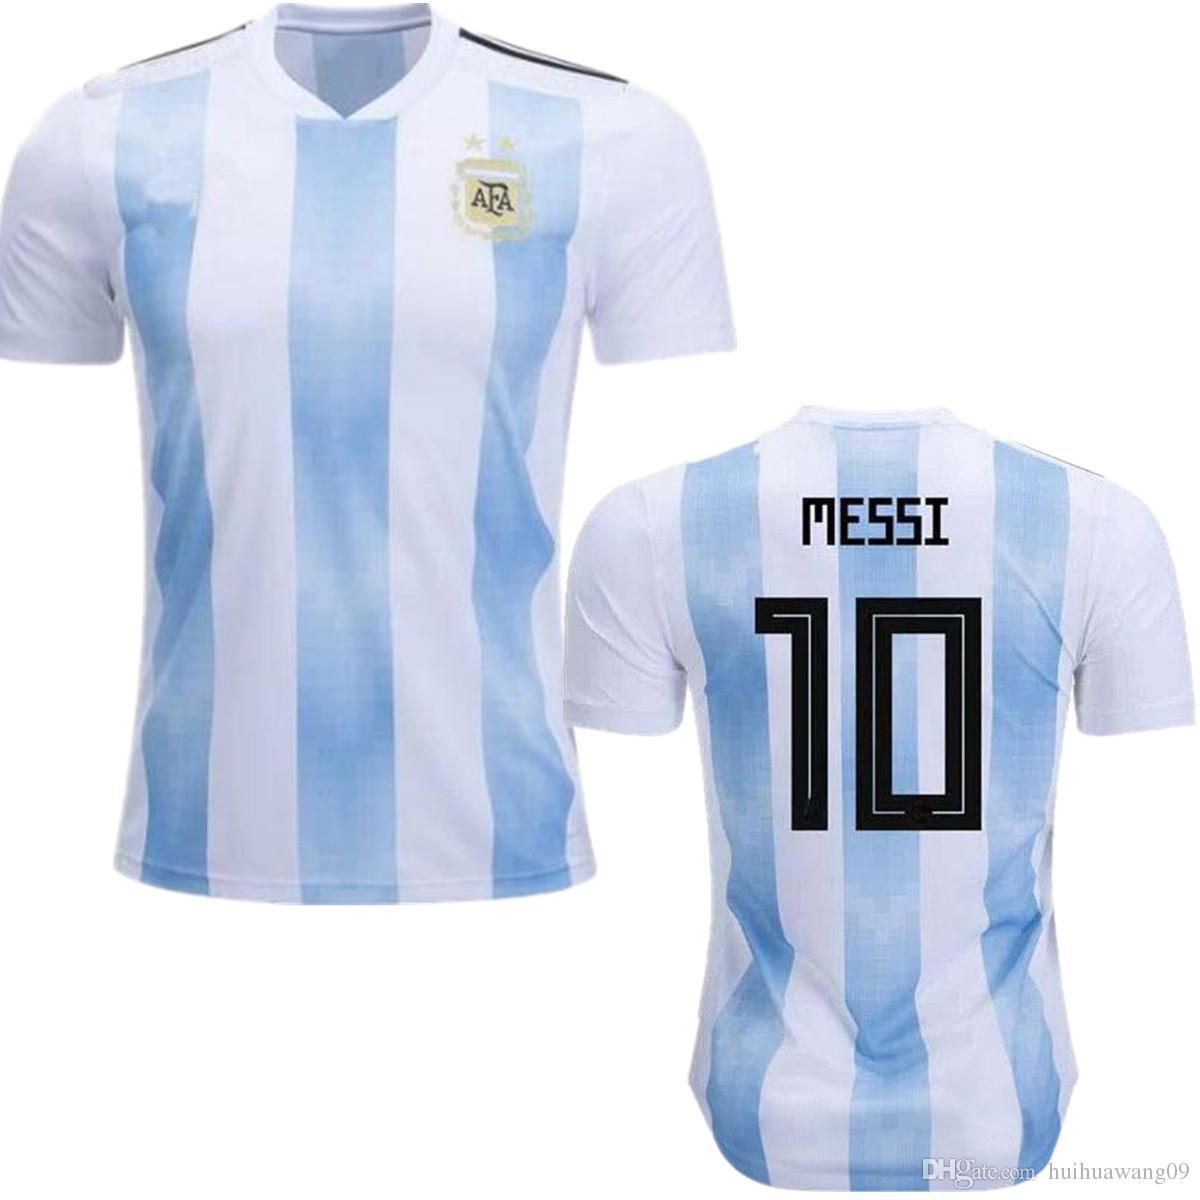 2a6a6d381a Compre 2018 2019 Copa Do Mundo Seleção Nacional Argentina Camisolas De  Futebol Em Casa Kit   10 MESSI 18 19 MESSI JERSEY Adultos FUTEBOL CAMISAS  Camisa ...